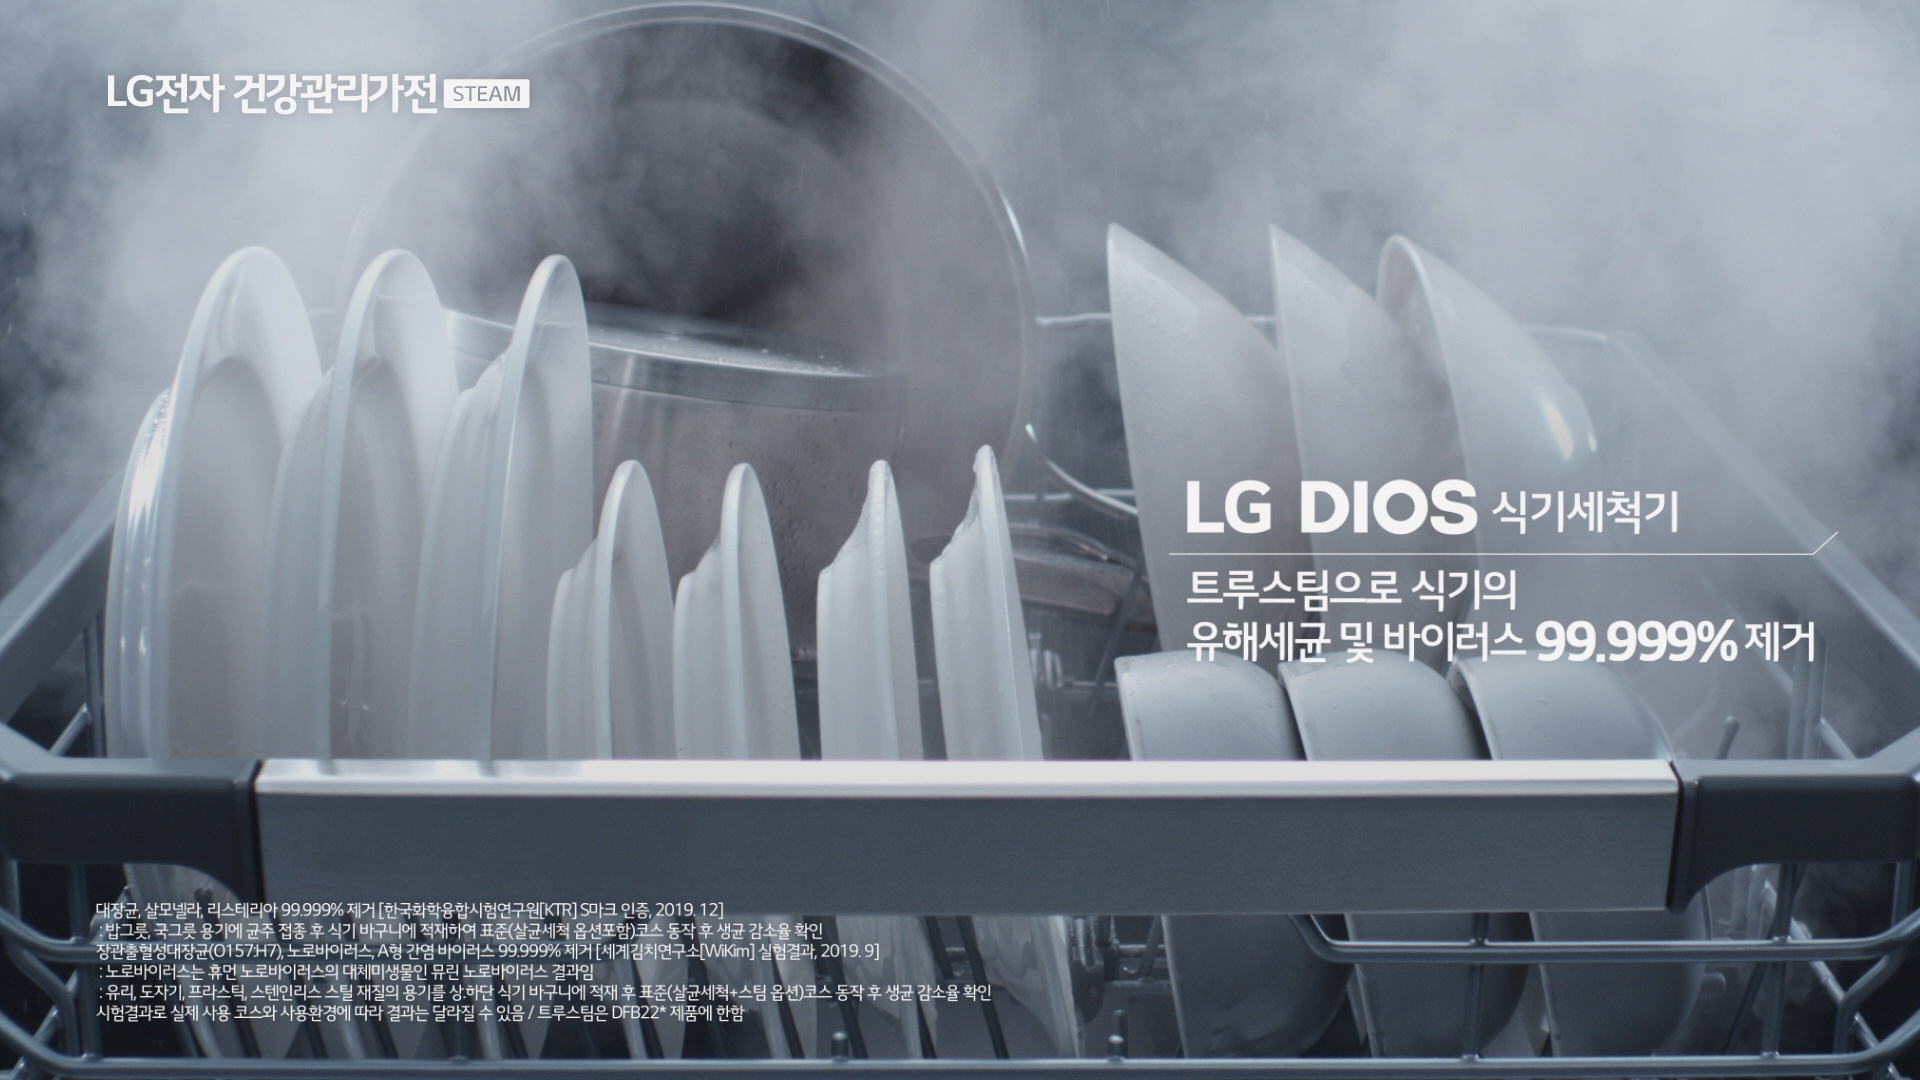 'LG전자 건강관리가전 스팀(Steam)' 광고영상 캡처화면